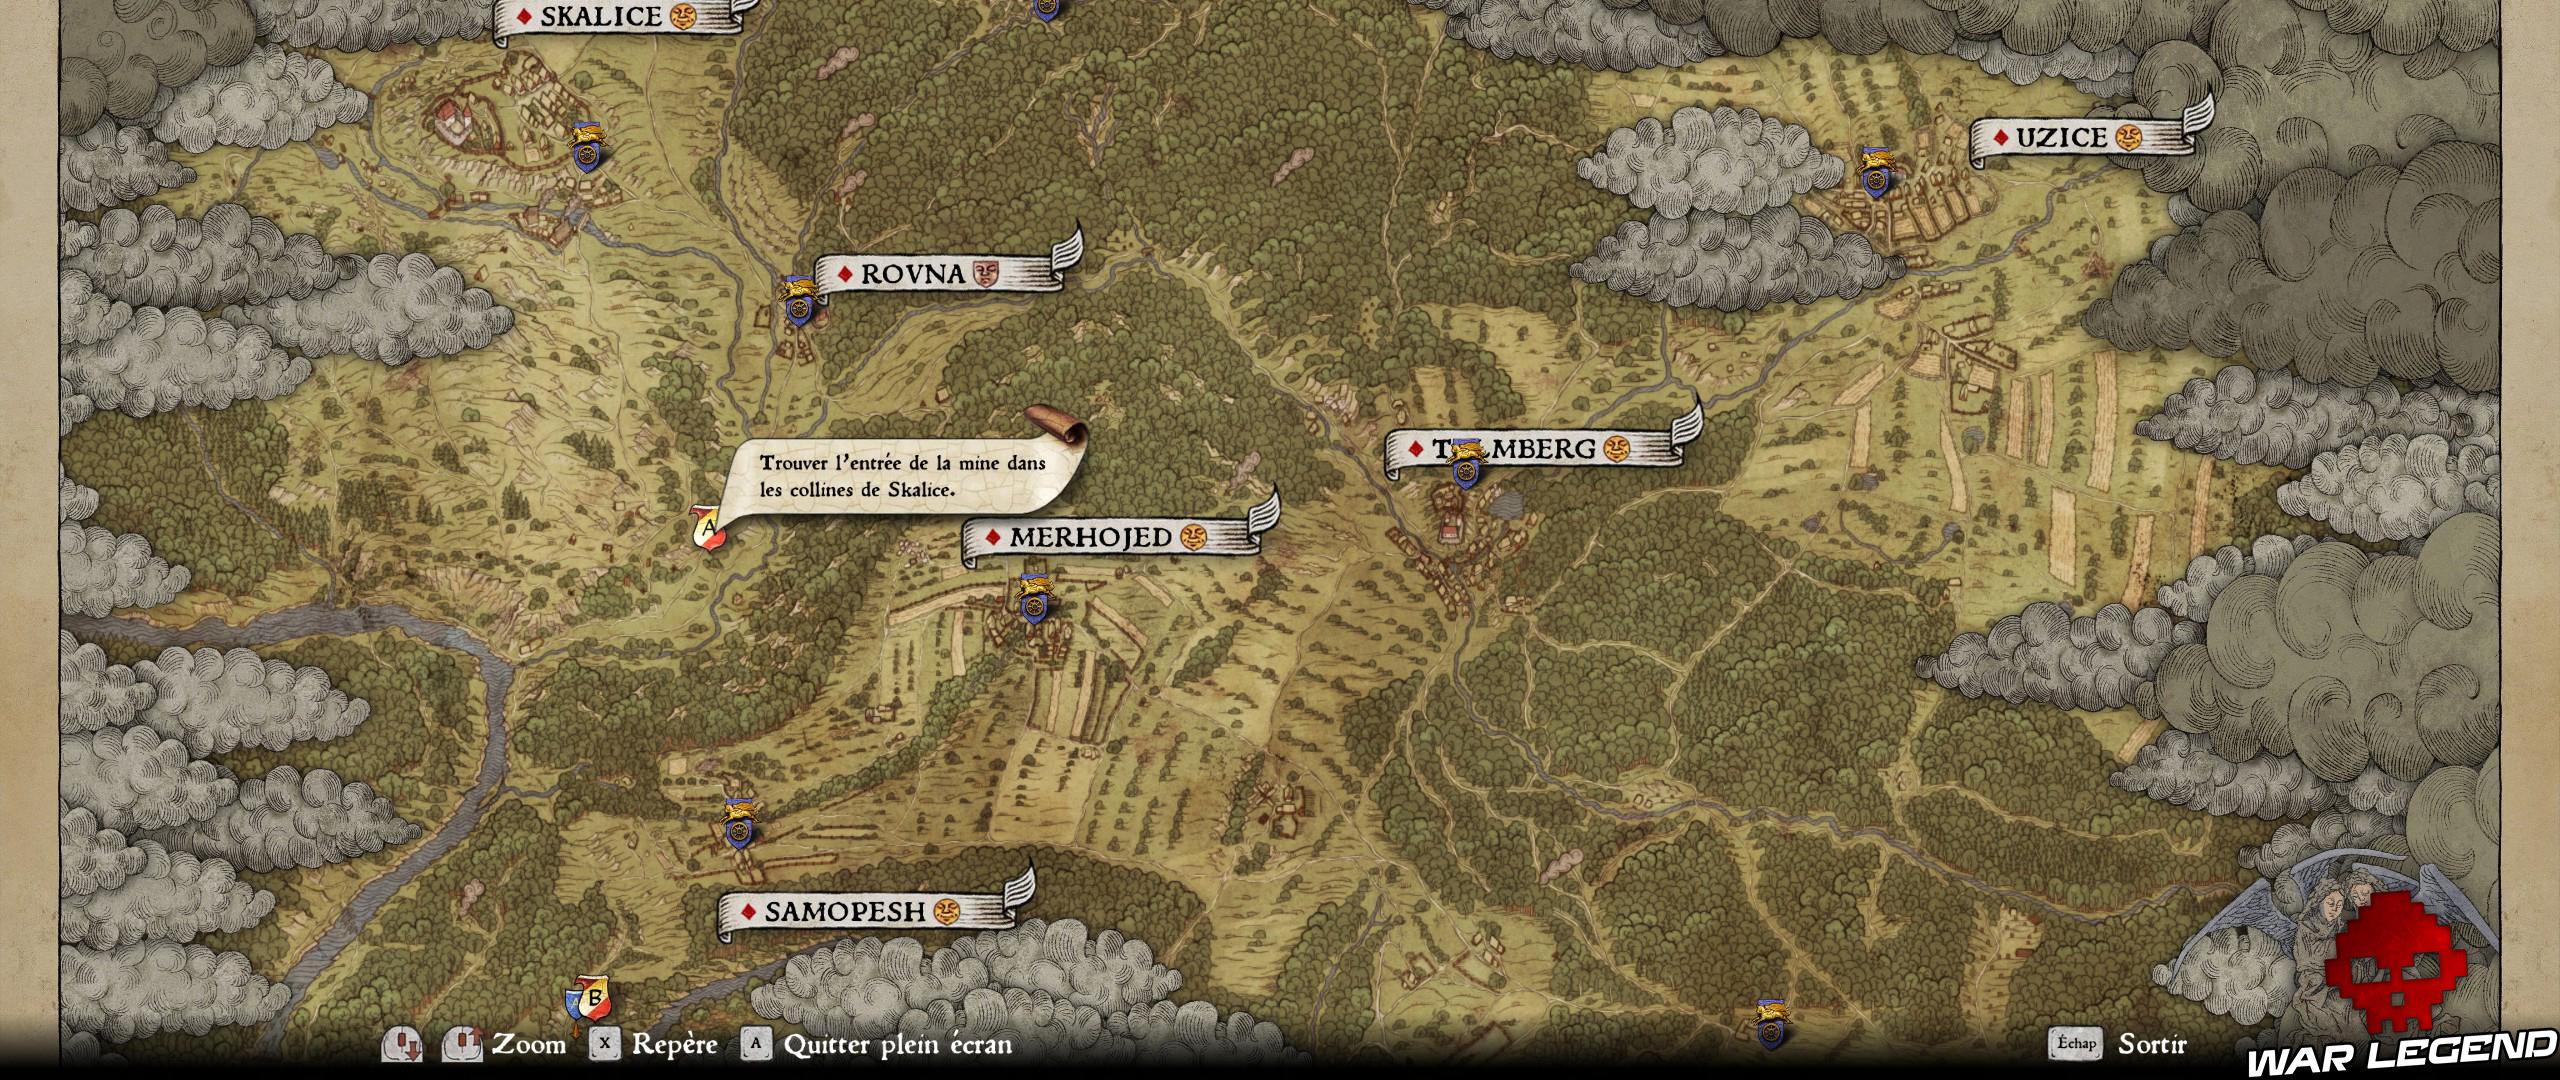 KCD Soluce Tout ce qui brille carte mines de skalice